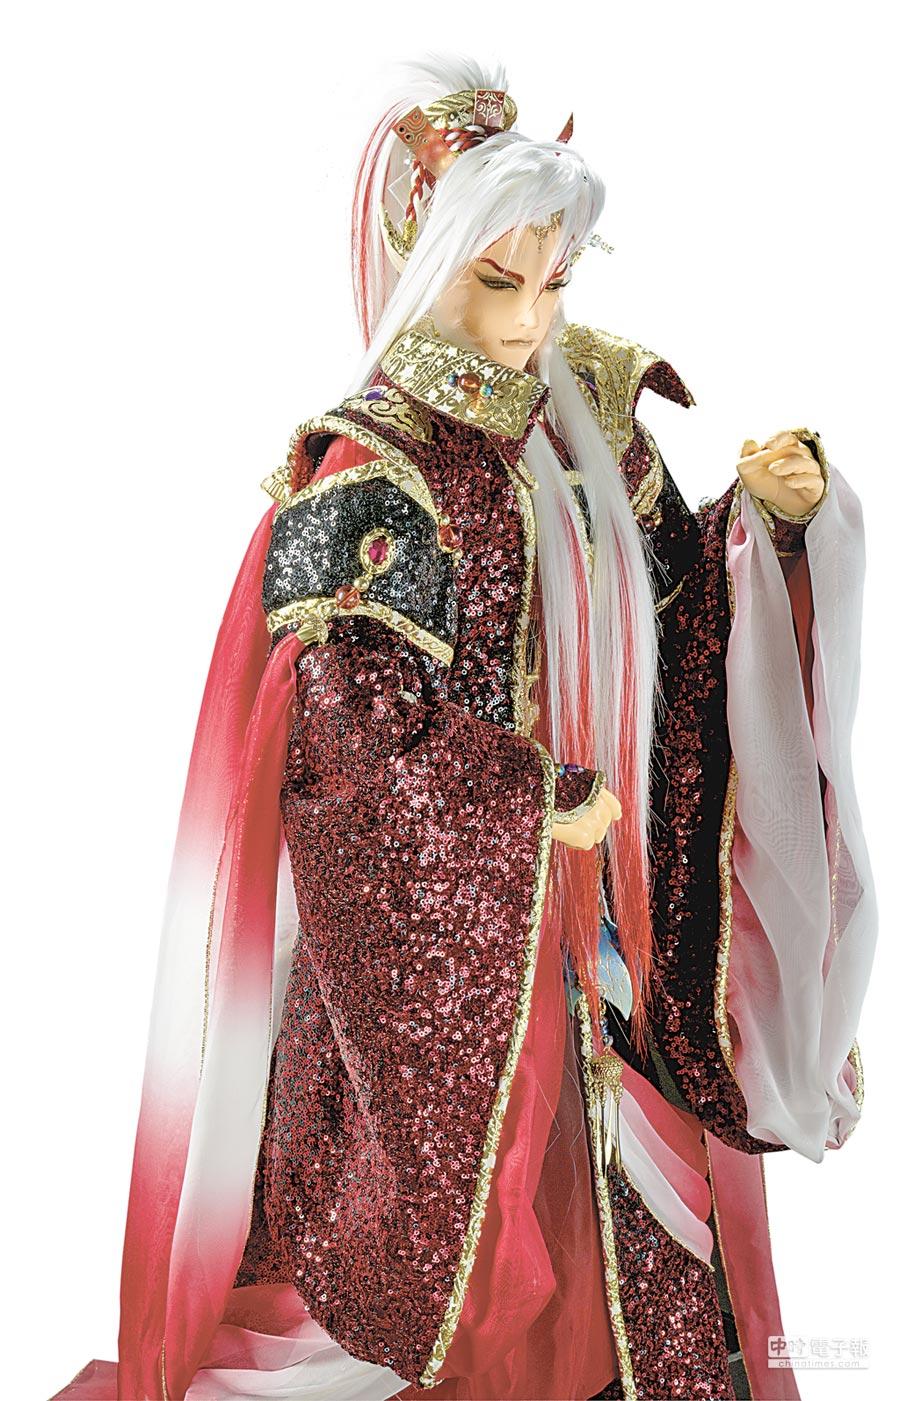 阿修羅王師承道皇聖無殛,是道皇的關門徒弟。這次他與劍子仙跡一戰運出古劍尊始,竟讓古塵劍應聲而斷。 圖片提供霹靂國際多媒體